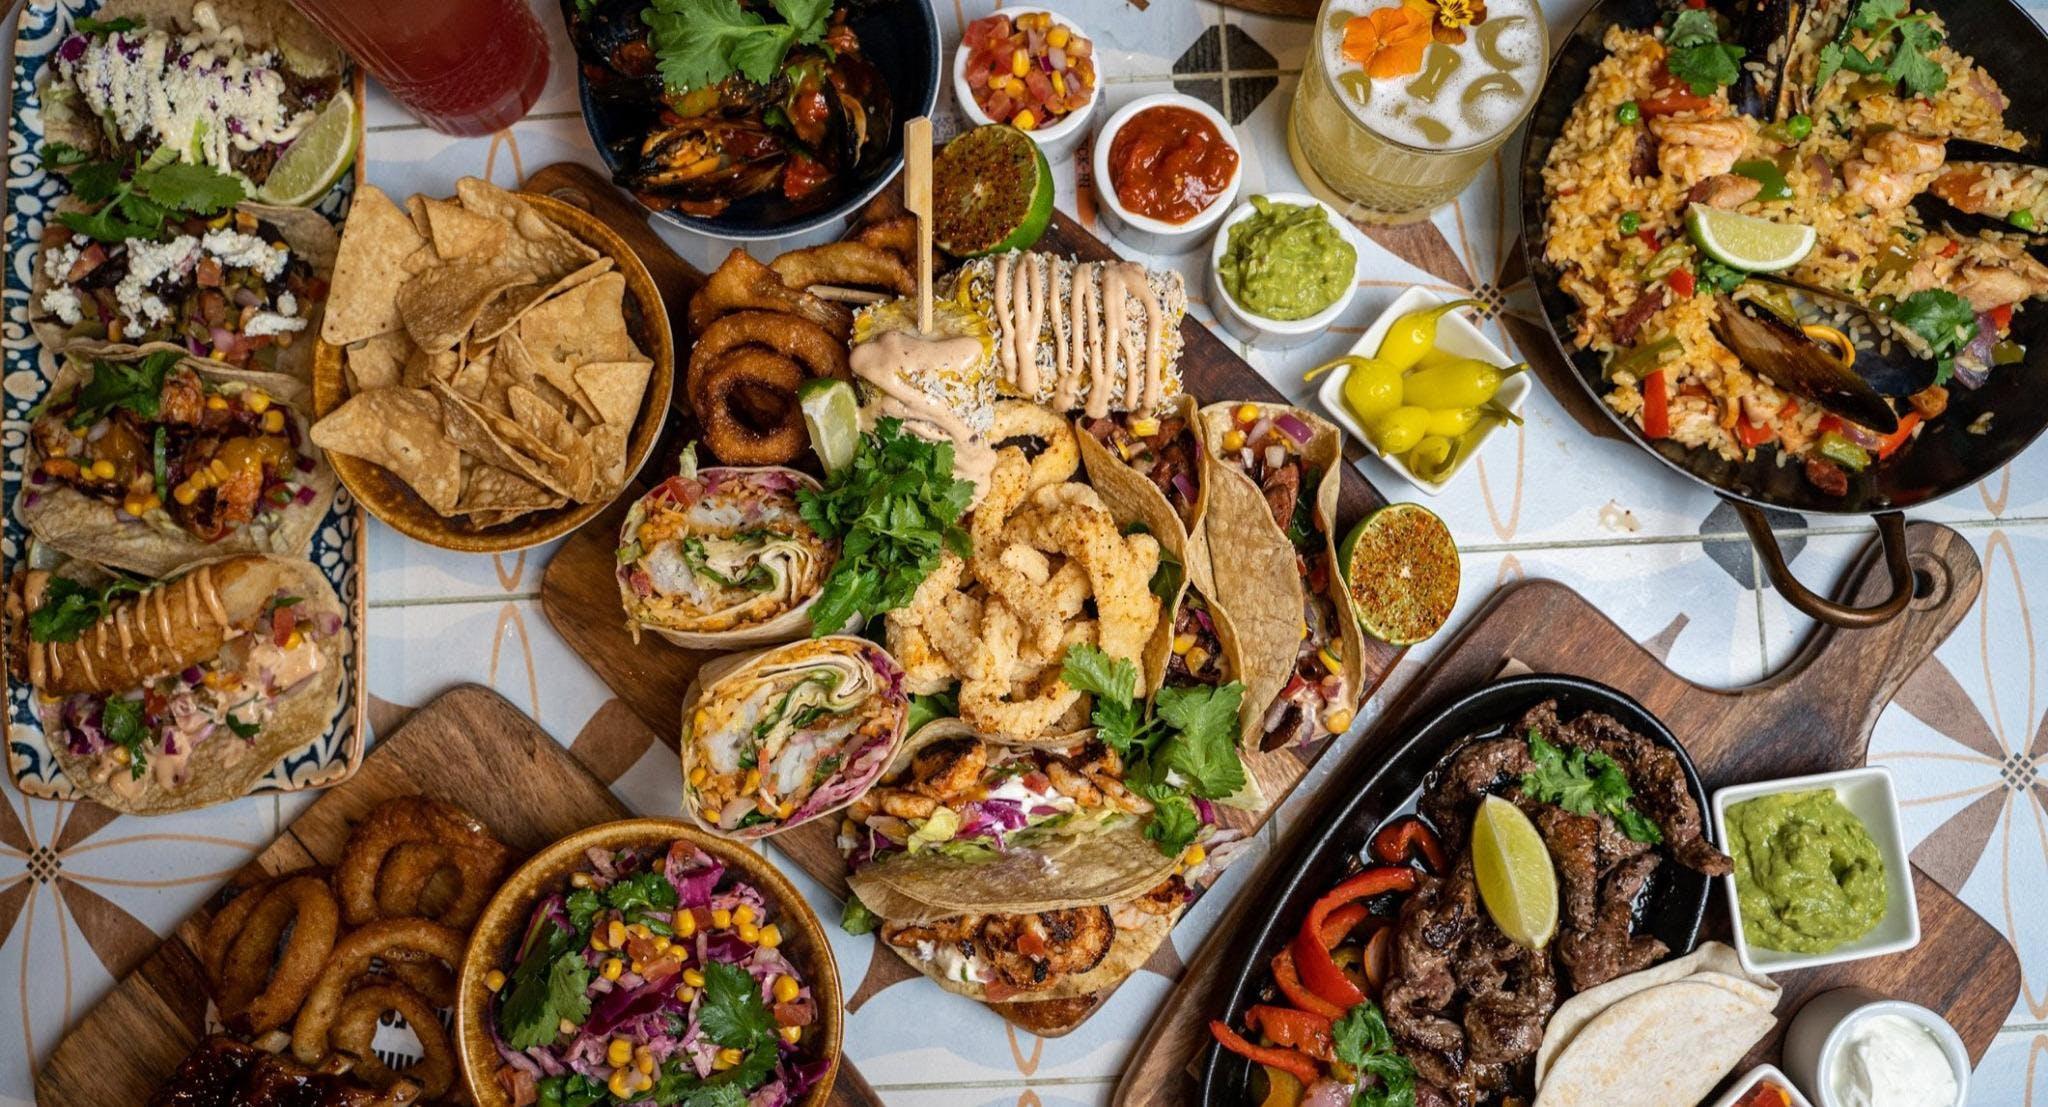 Photo of restaurant La Cabra Modern Mexican - St Kilda in St Kilda, Melbourne